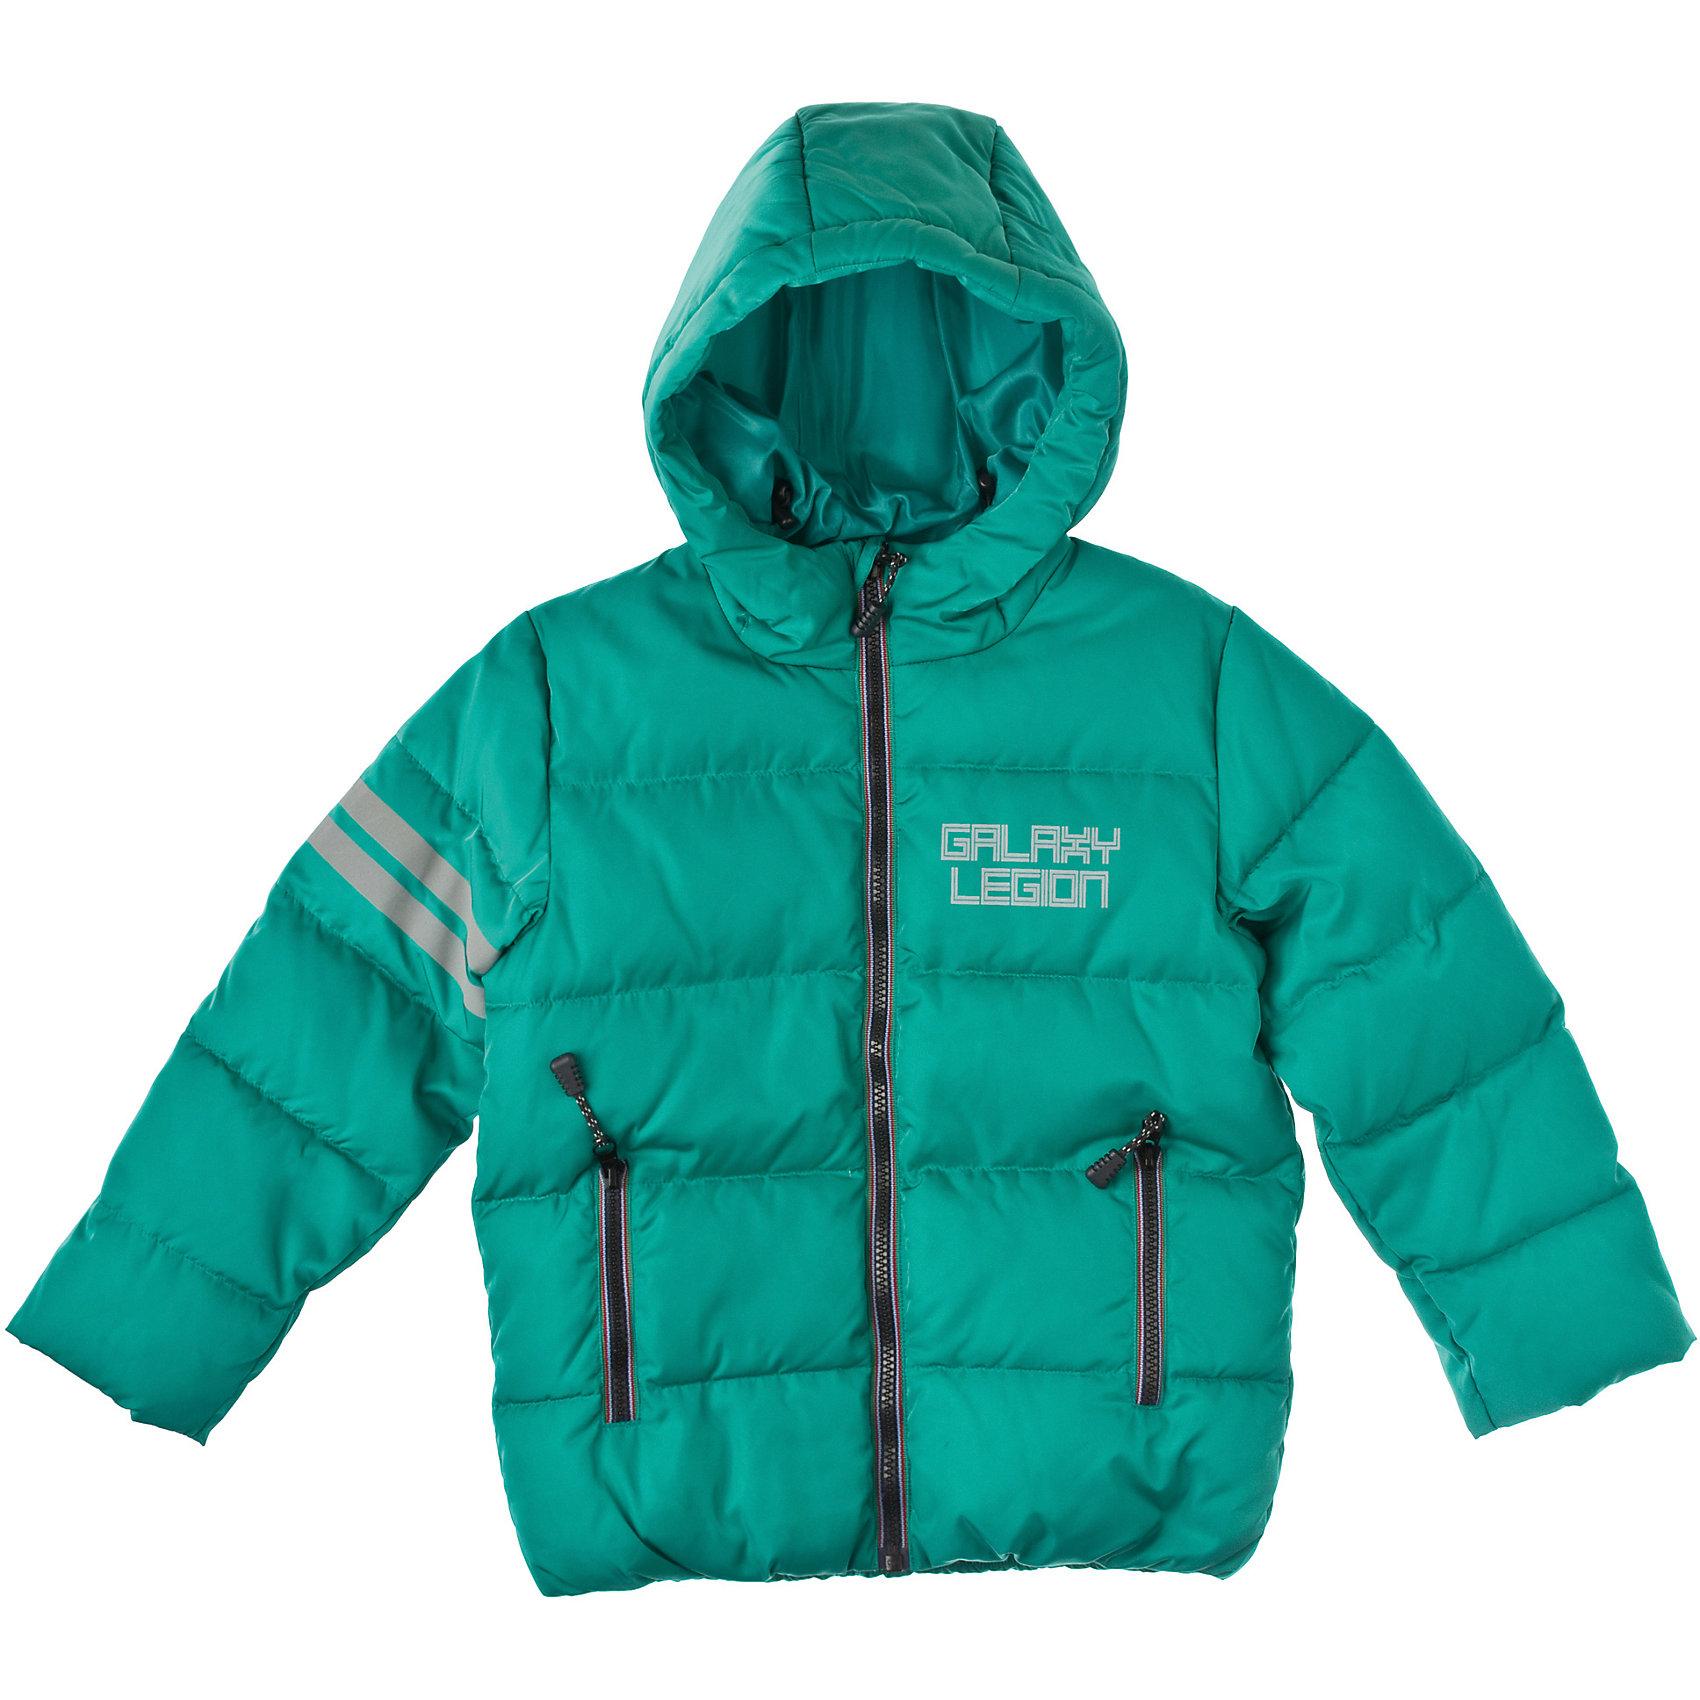 Куртка для мальчика PlayTodayВерхняя одежда<br>Куртка для мальчика PlayToday Яркая теплая куртка на молнии из непромокаемой ткани с капюшоном. Есть защита от ветра, как в спортивной одежде, и два кармана на молниях. Состав: Верх: 100% полиэстер, подкладка: 100% полиэстер, наполнитель: 62% полиэстер, 30% пух, 8% перо<br><br>Ширина мм: 356<br>Глубина мм: 10<br>Высота мм: 245<br>Вес г: 519<br>Цвет: зеленый<br>Возраст от месяцев: 36<br>Возраст до месяцев: 48<br>Пол: Мужской<br>Возраст: Детский<br>Размер: 104,98,110,128,122,116<br>SKU: 4227763